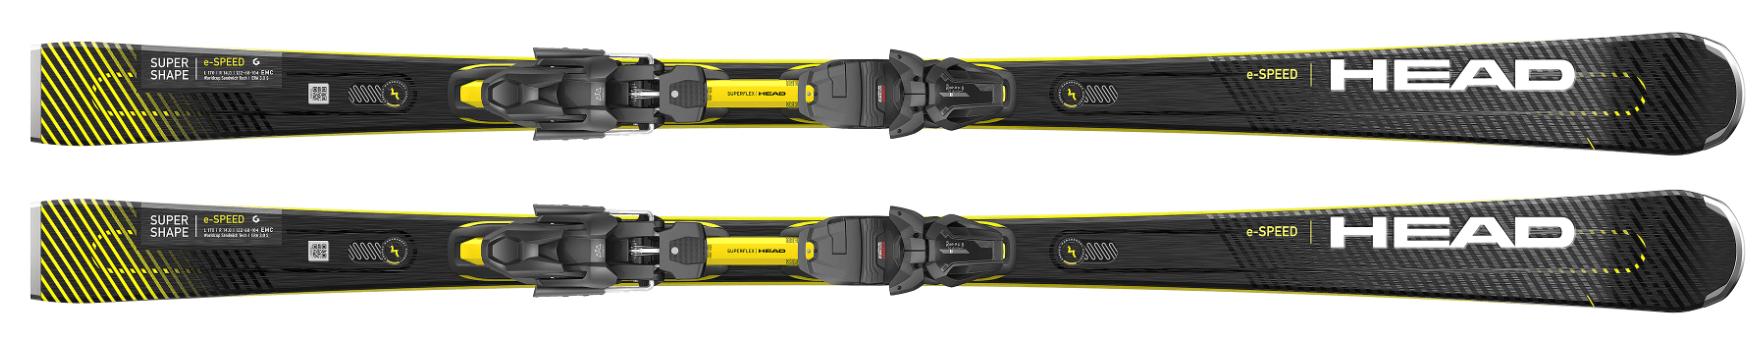 naty head supershape e-speed 2021